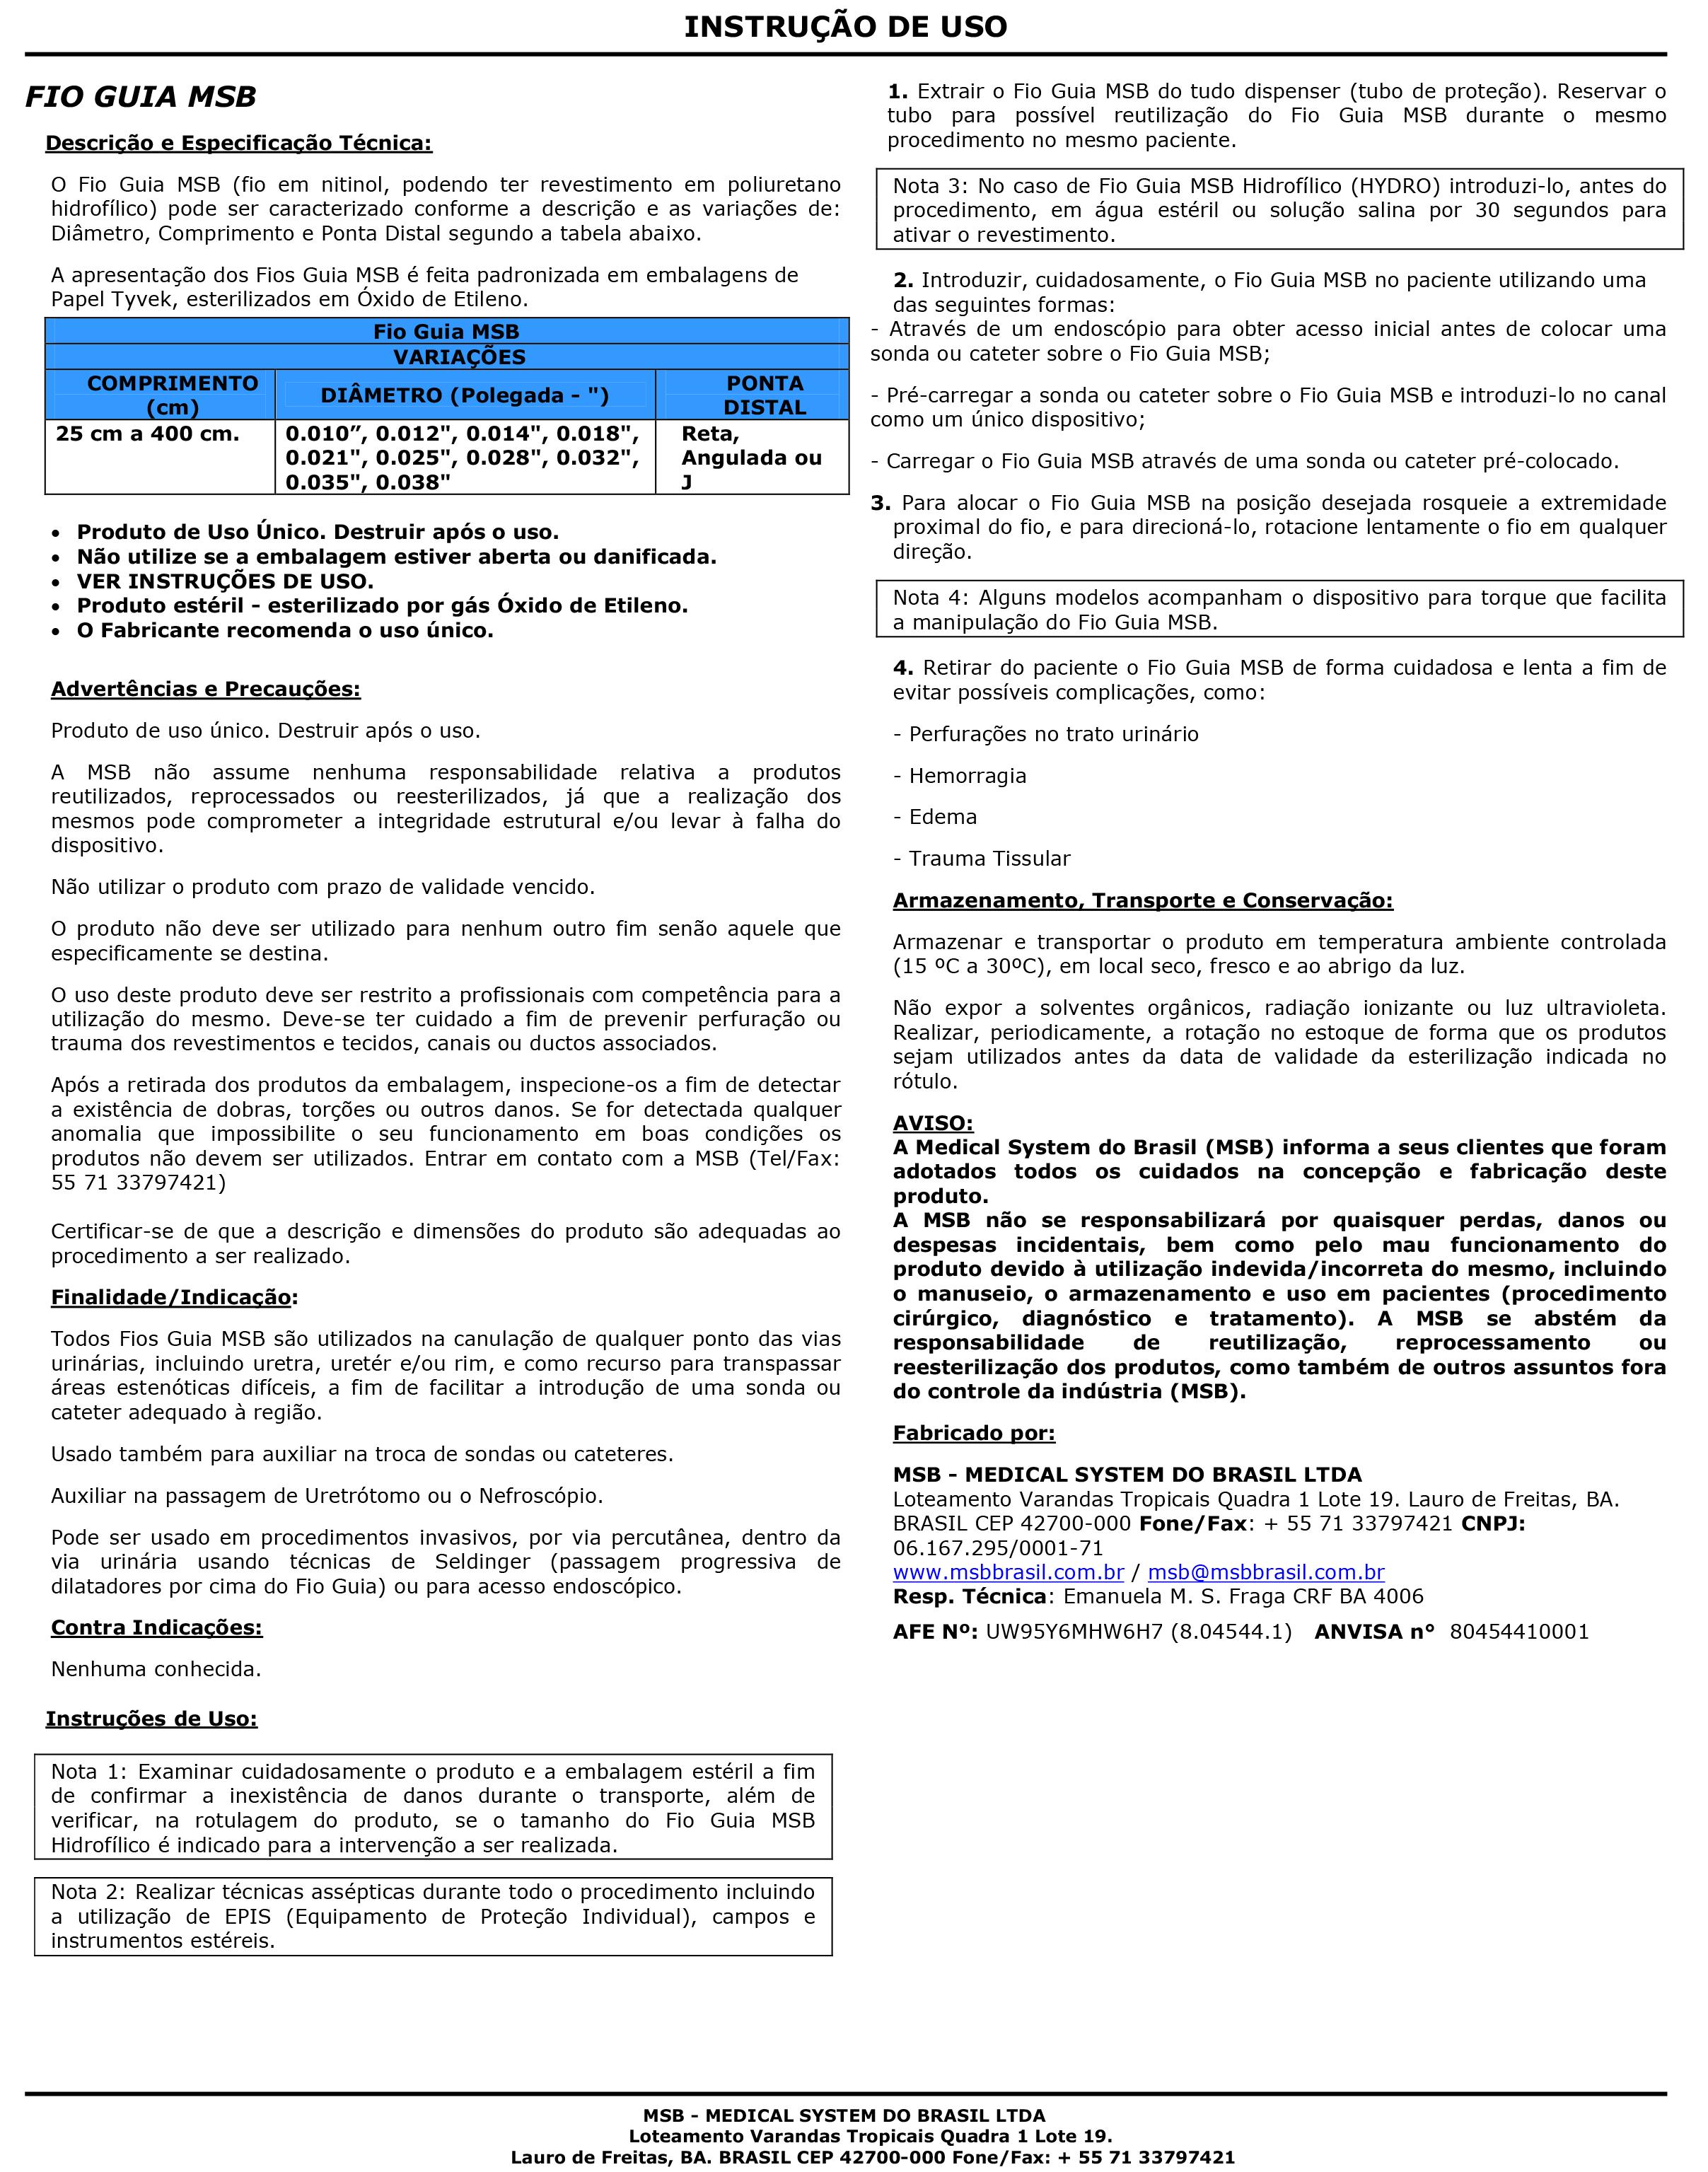 Instrução de Uso FIO Guia MSB – 80454410001